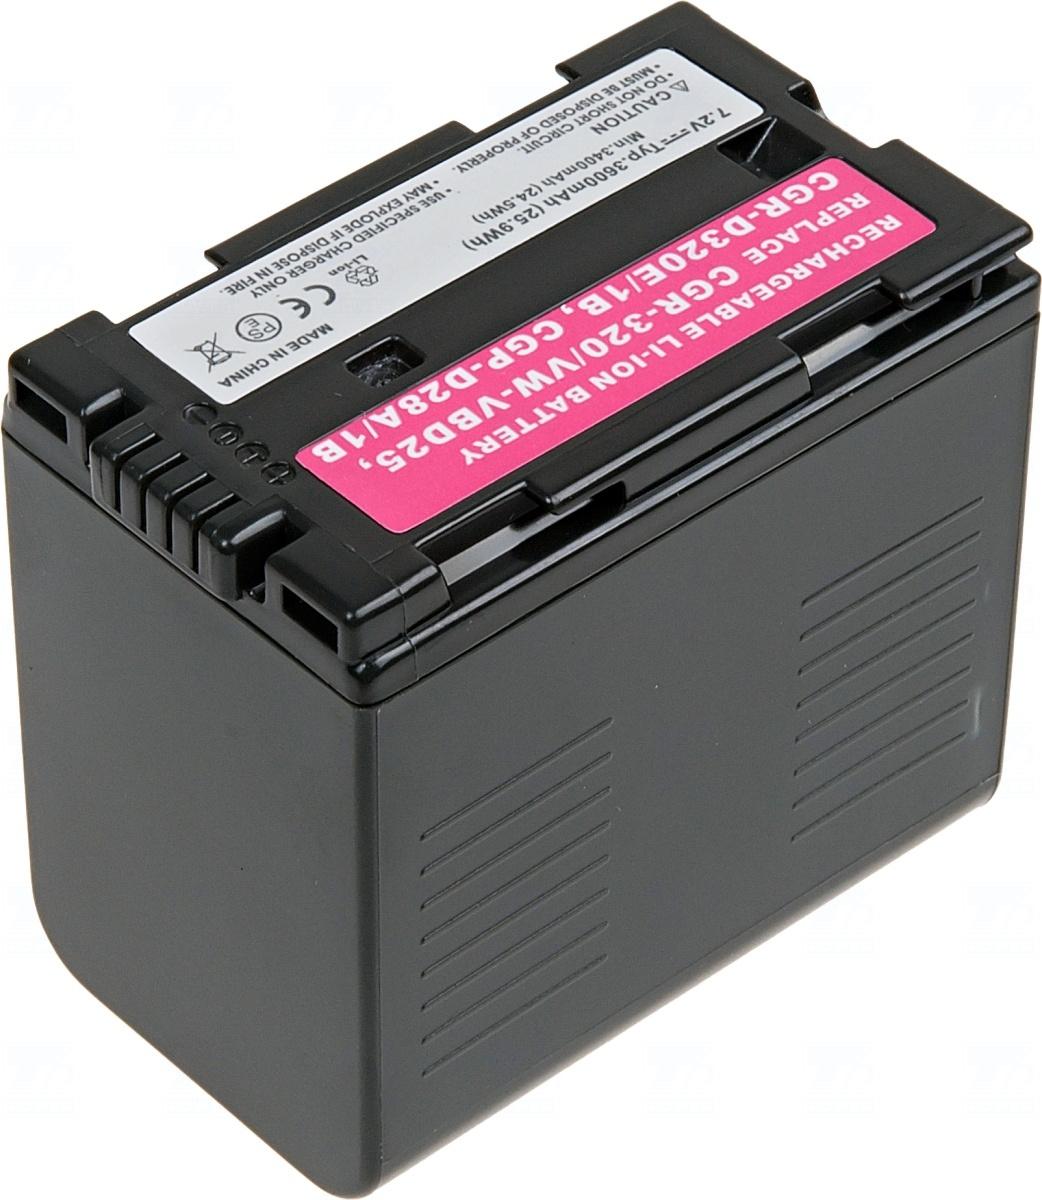 Baterie T6 power CGR-D320, VW-VBD25, CGR-D28A/1B, CGP-D28S, CGP-D28SE/1B, CGP-D320T/1B, CGR-D08, CGR-D08A/1B, CGR-D08R, CGR-D08S, CGR-D08SE/1B, šedá